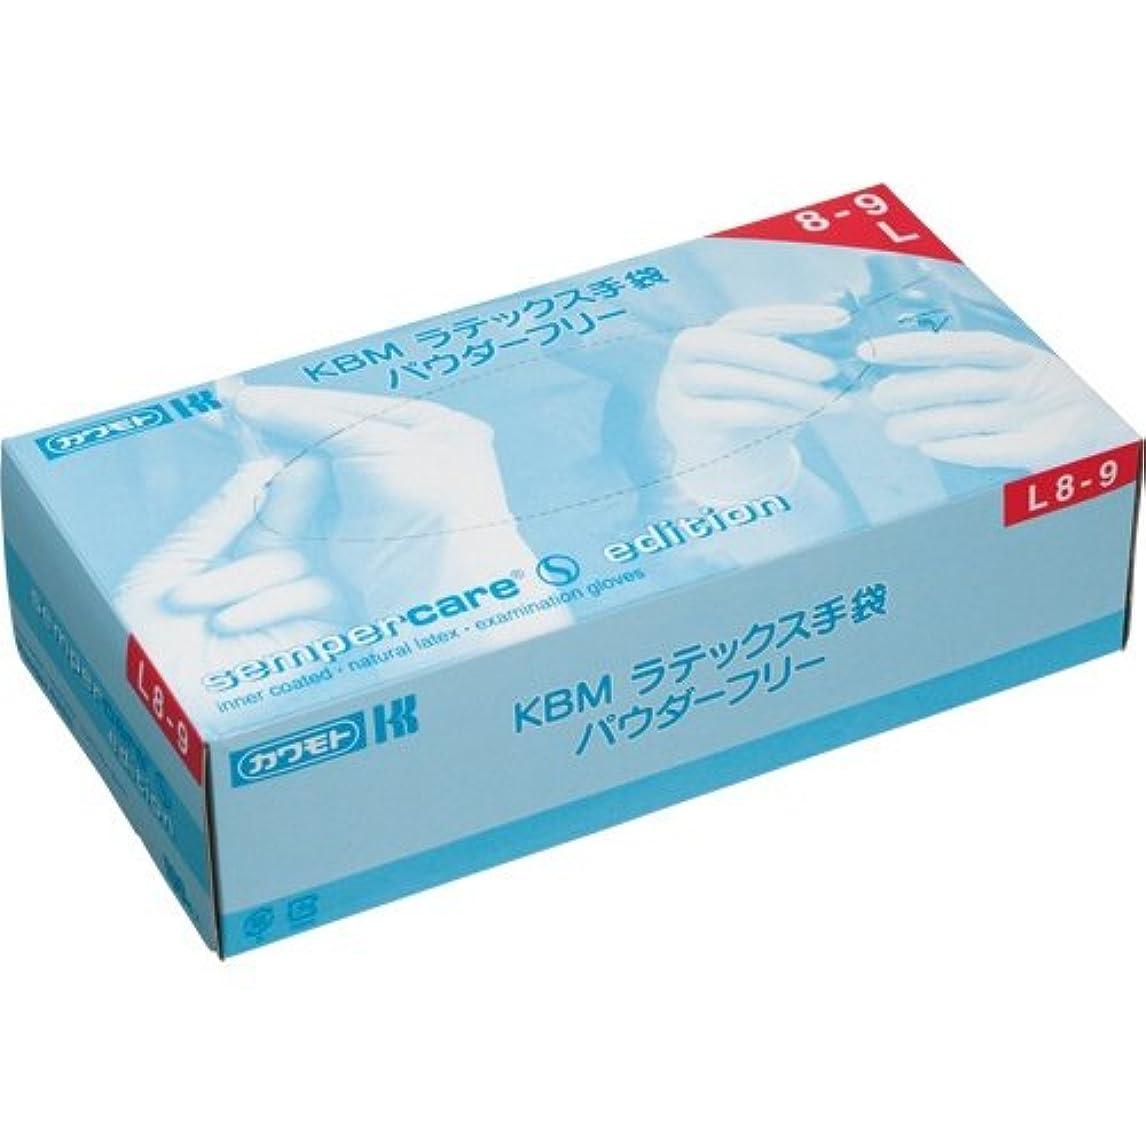 メンバーオペレーター攻撃カワモト KBM ラテックス手袋 パウダーフリー L 1セット(300枚:100枚×3箱)